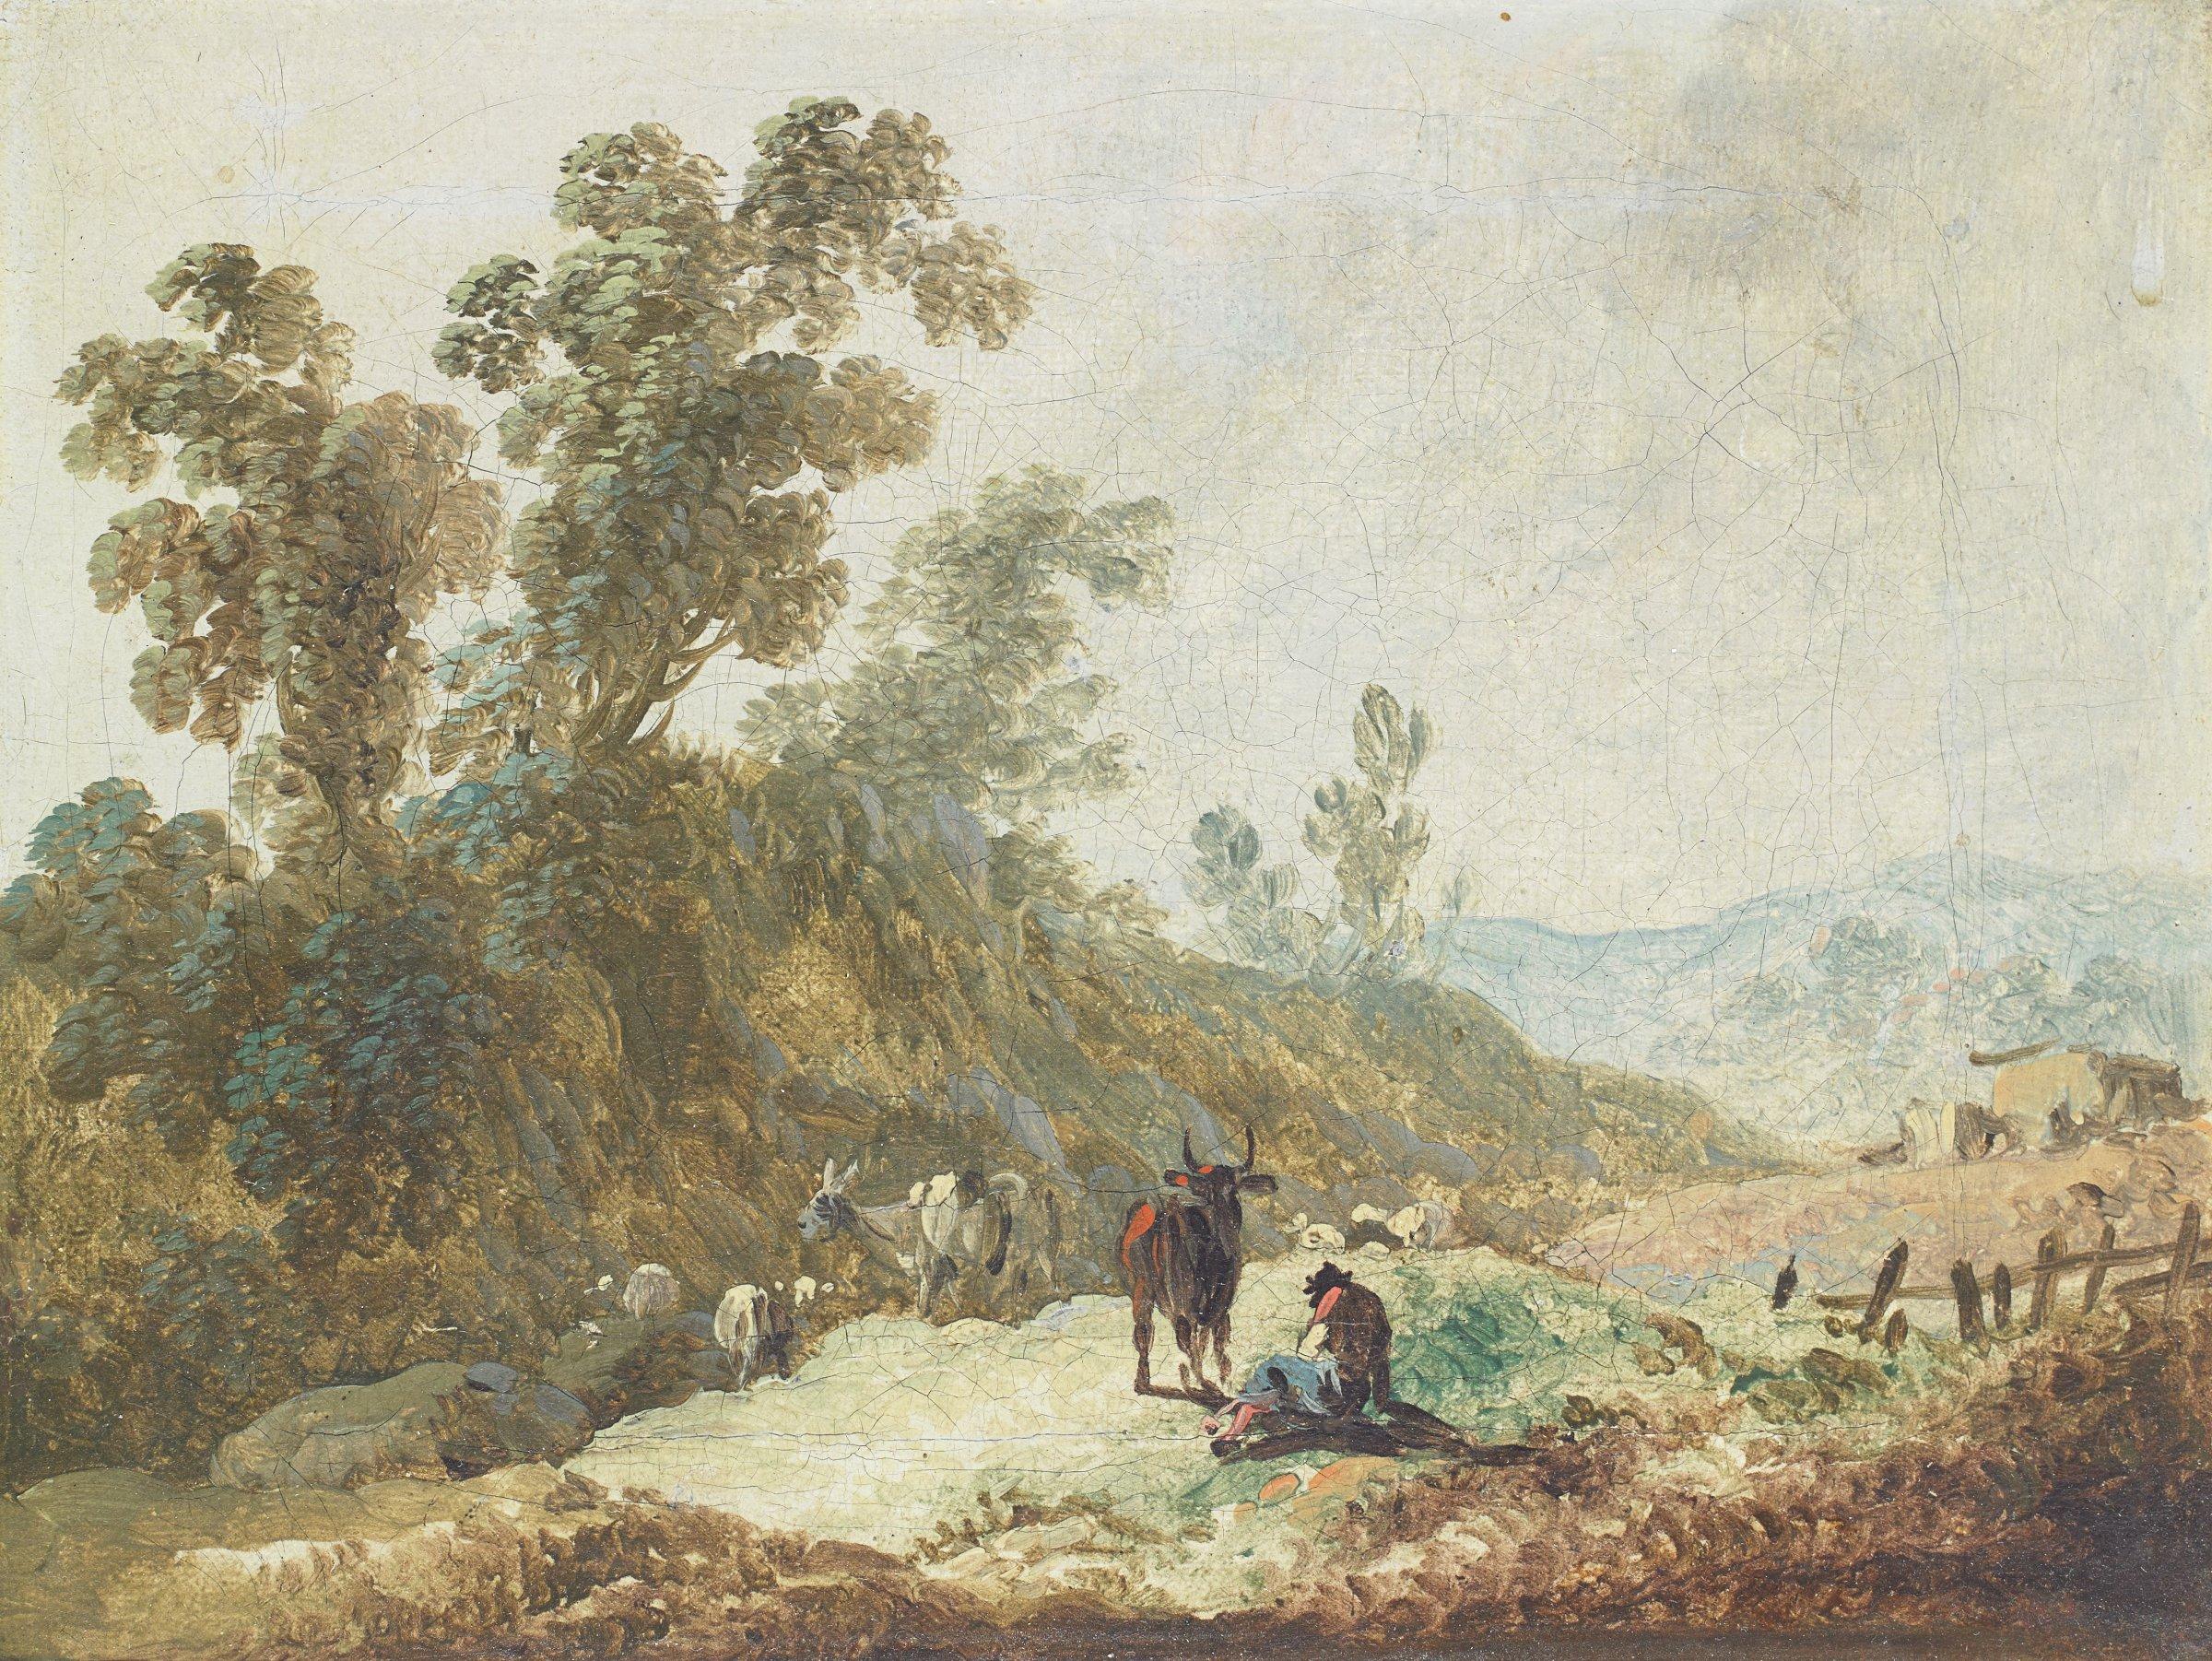 Paysage montagneux (Pastoral Landscape), Jean-Baptiste Pillement, oil on canvas